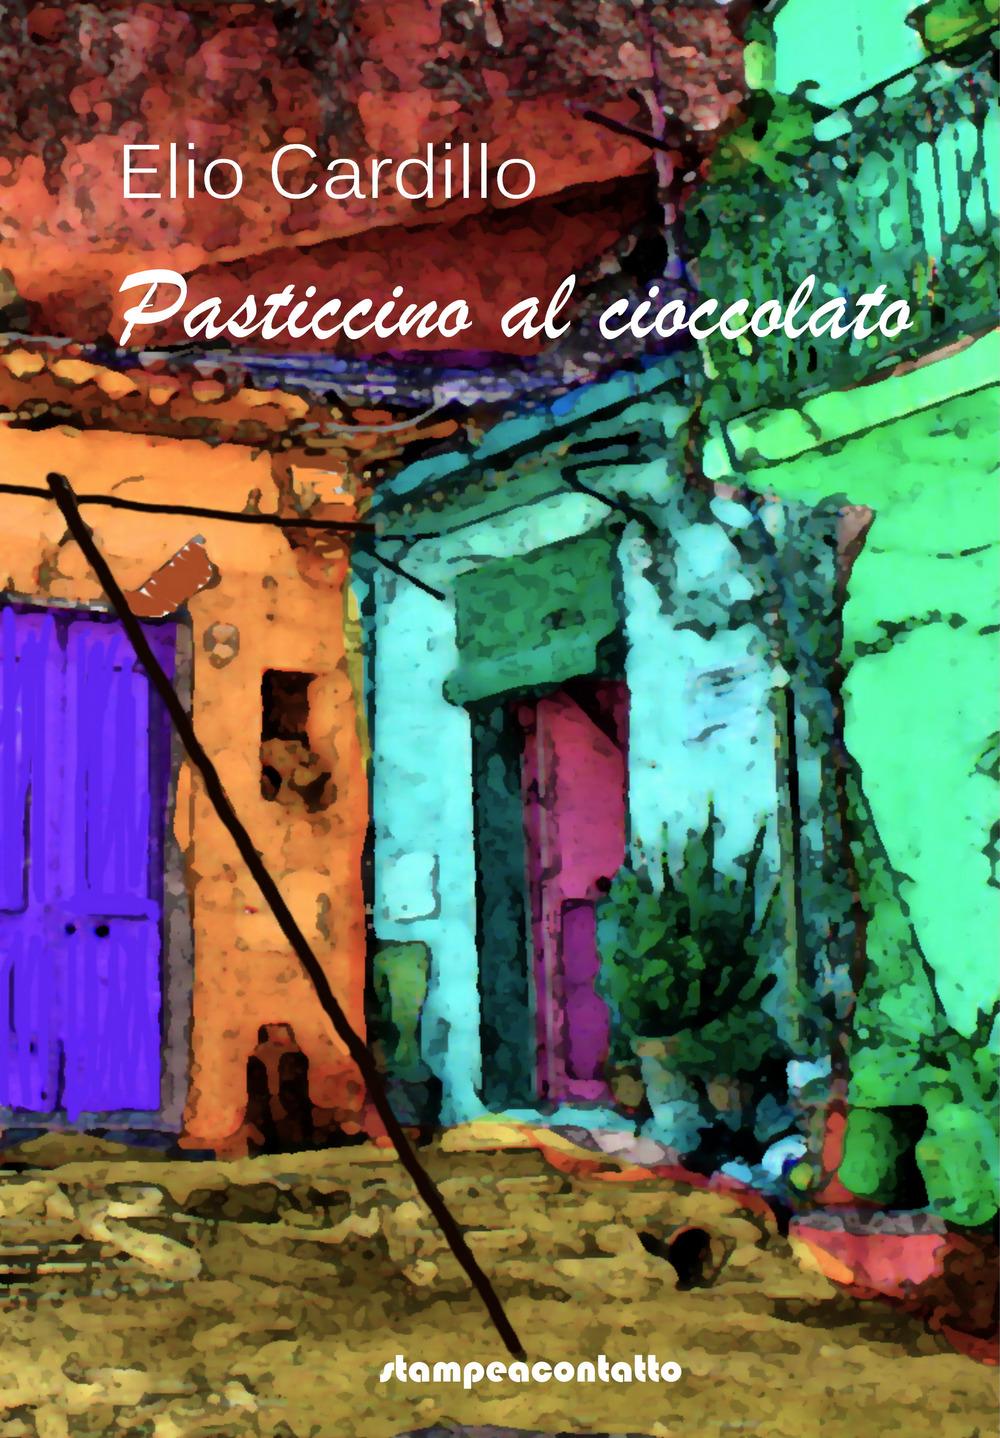 Image of Pasticcino al cioccolato